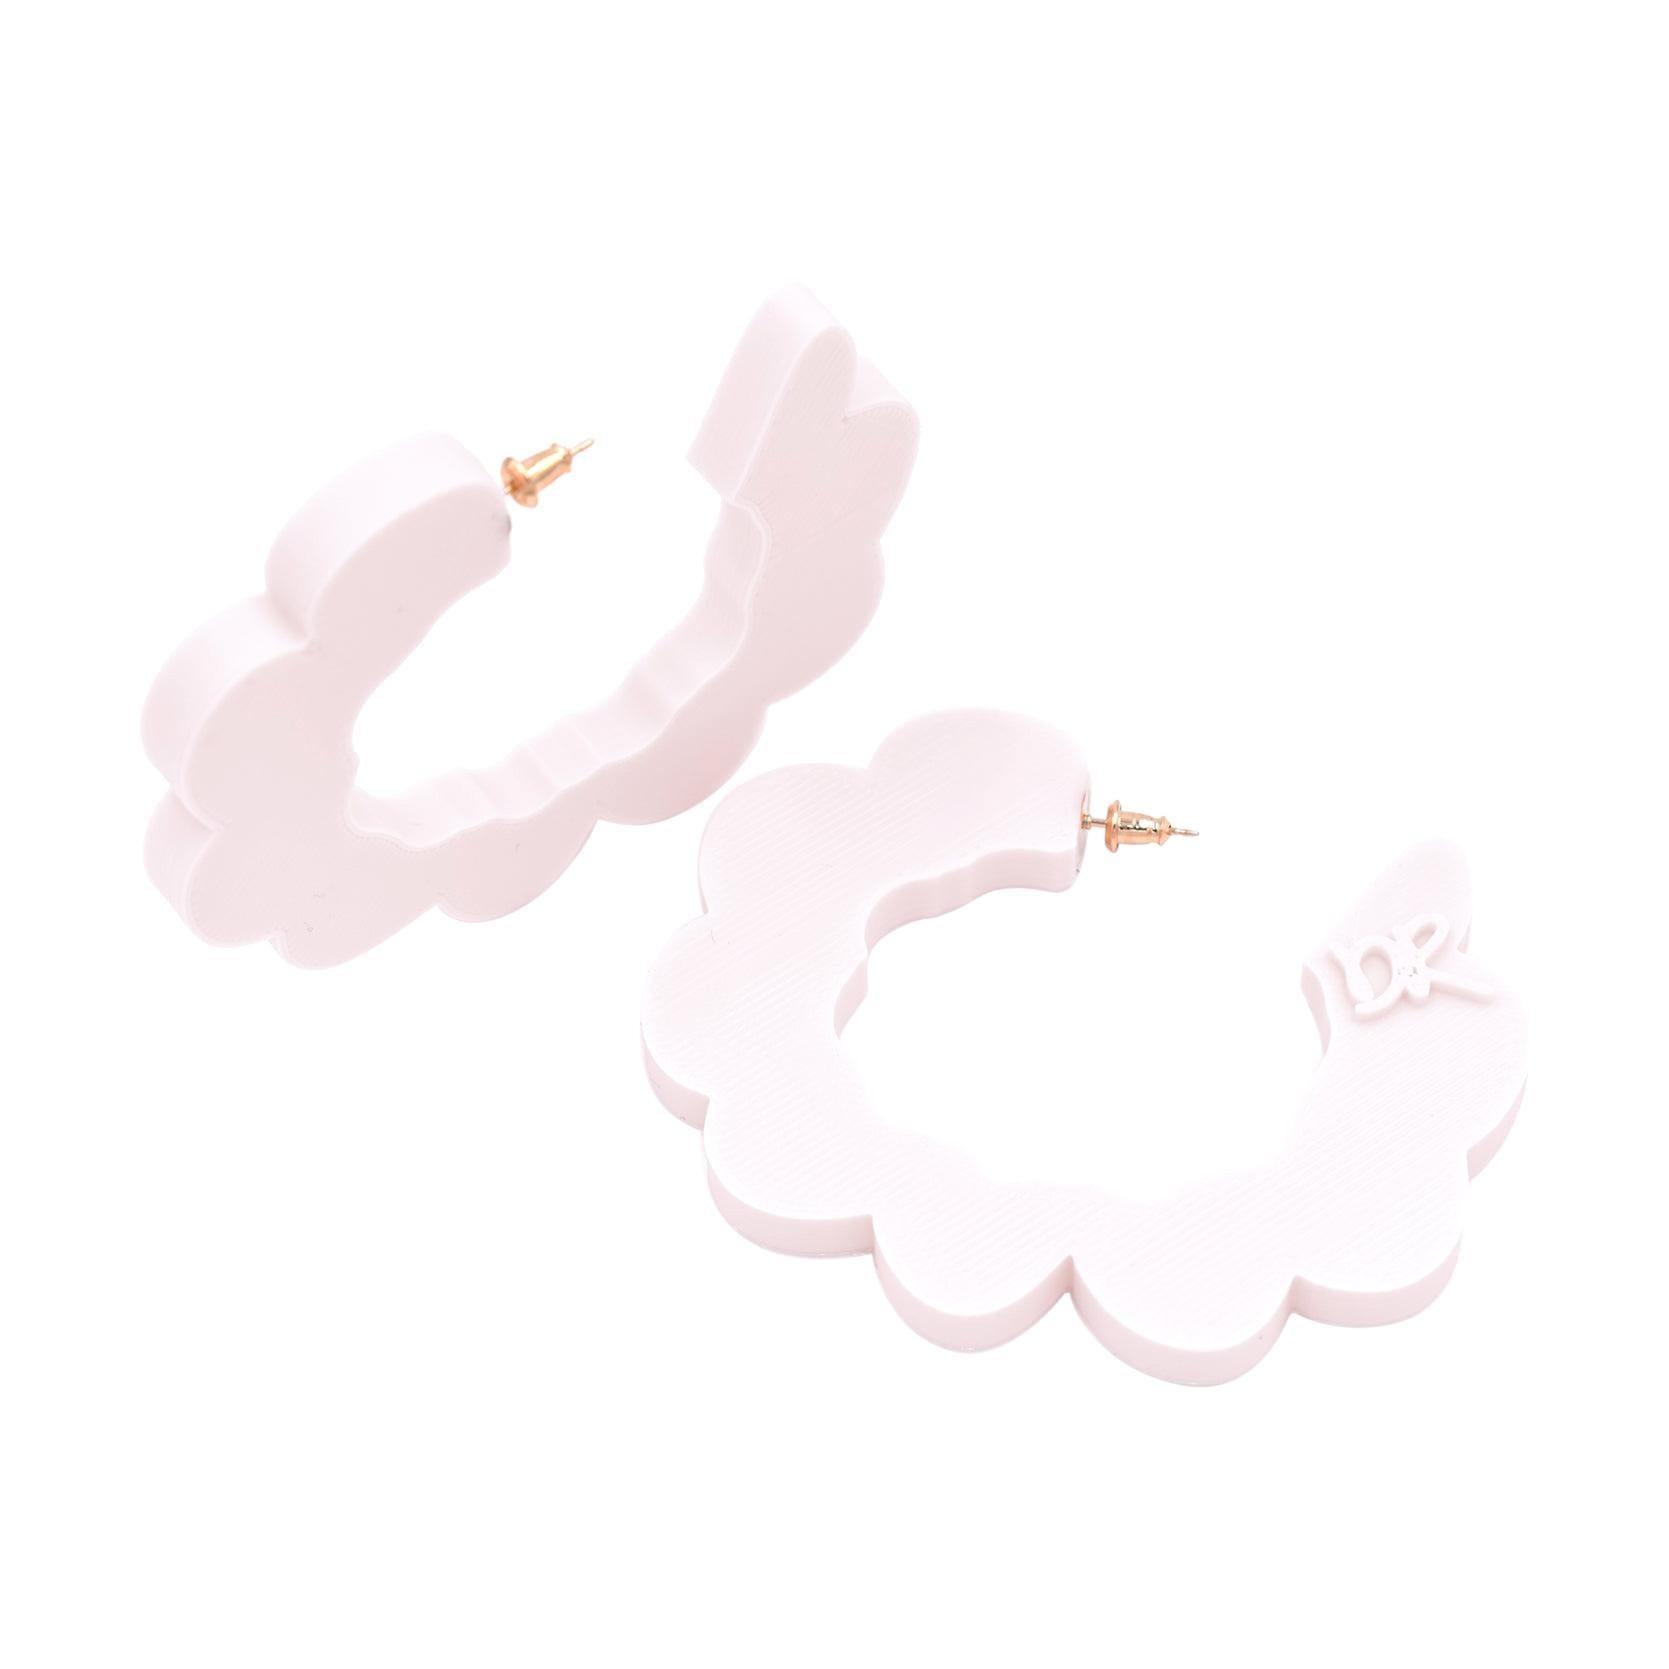 3d Printed Pretend Cloud Hoop Earrings Ivory